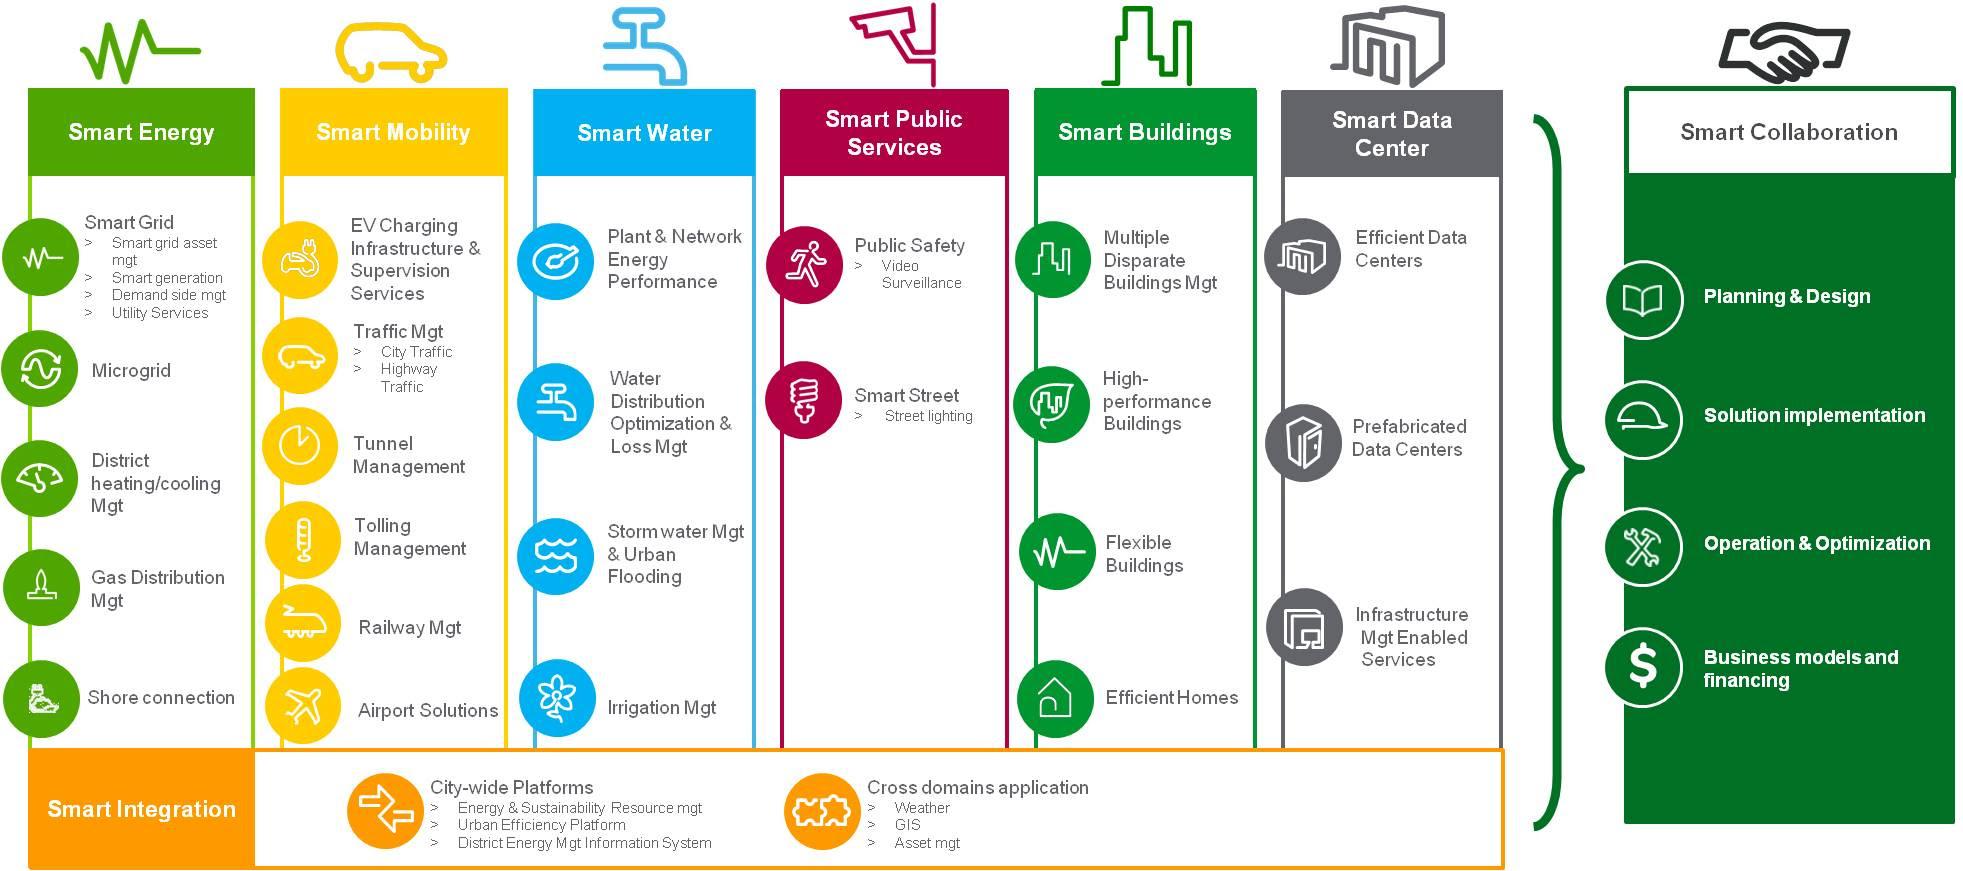 Smart Cities Segments